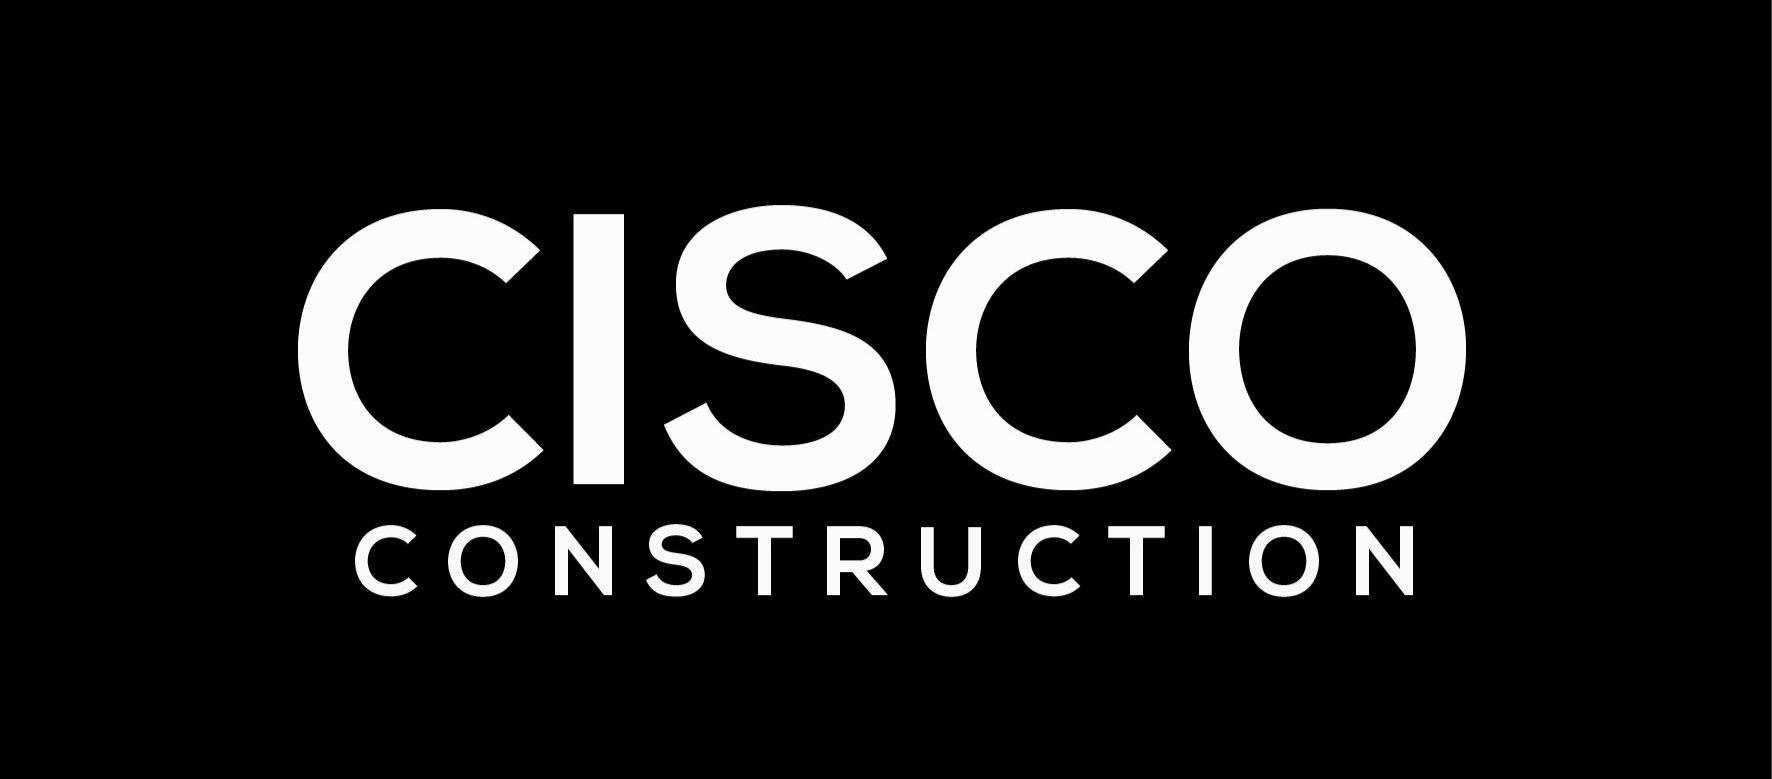 Cisco Construction Logo